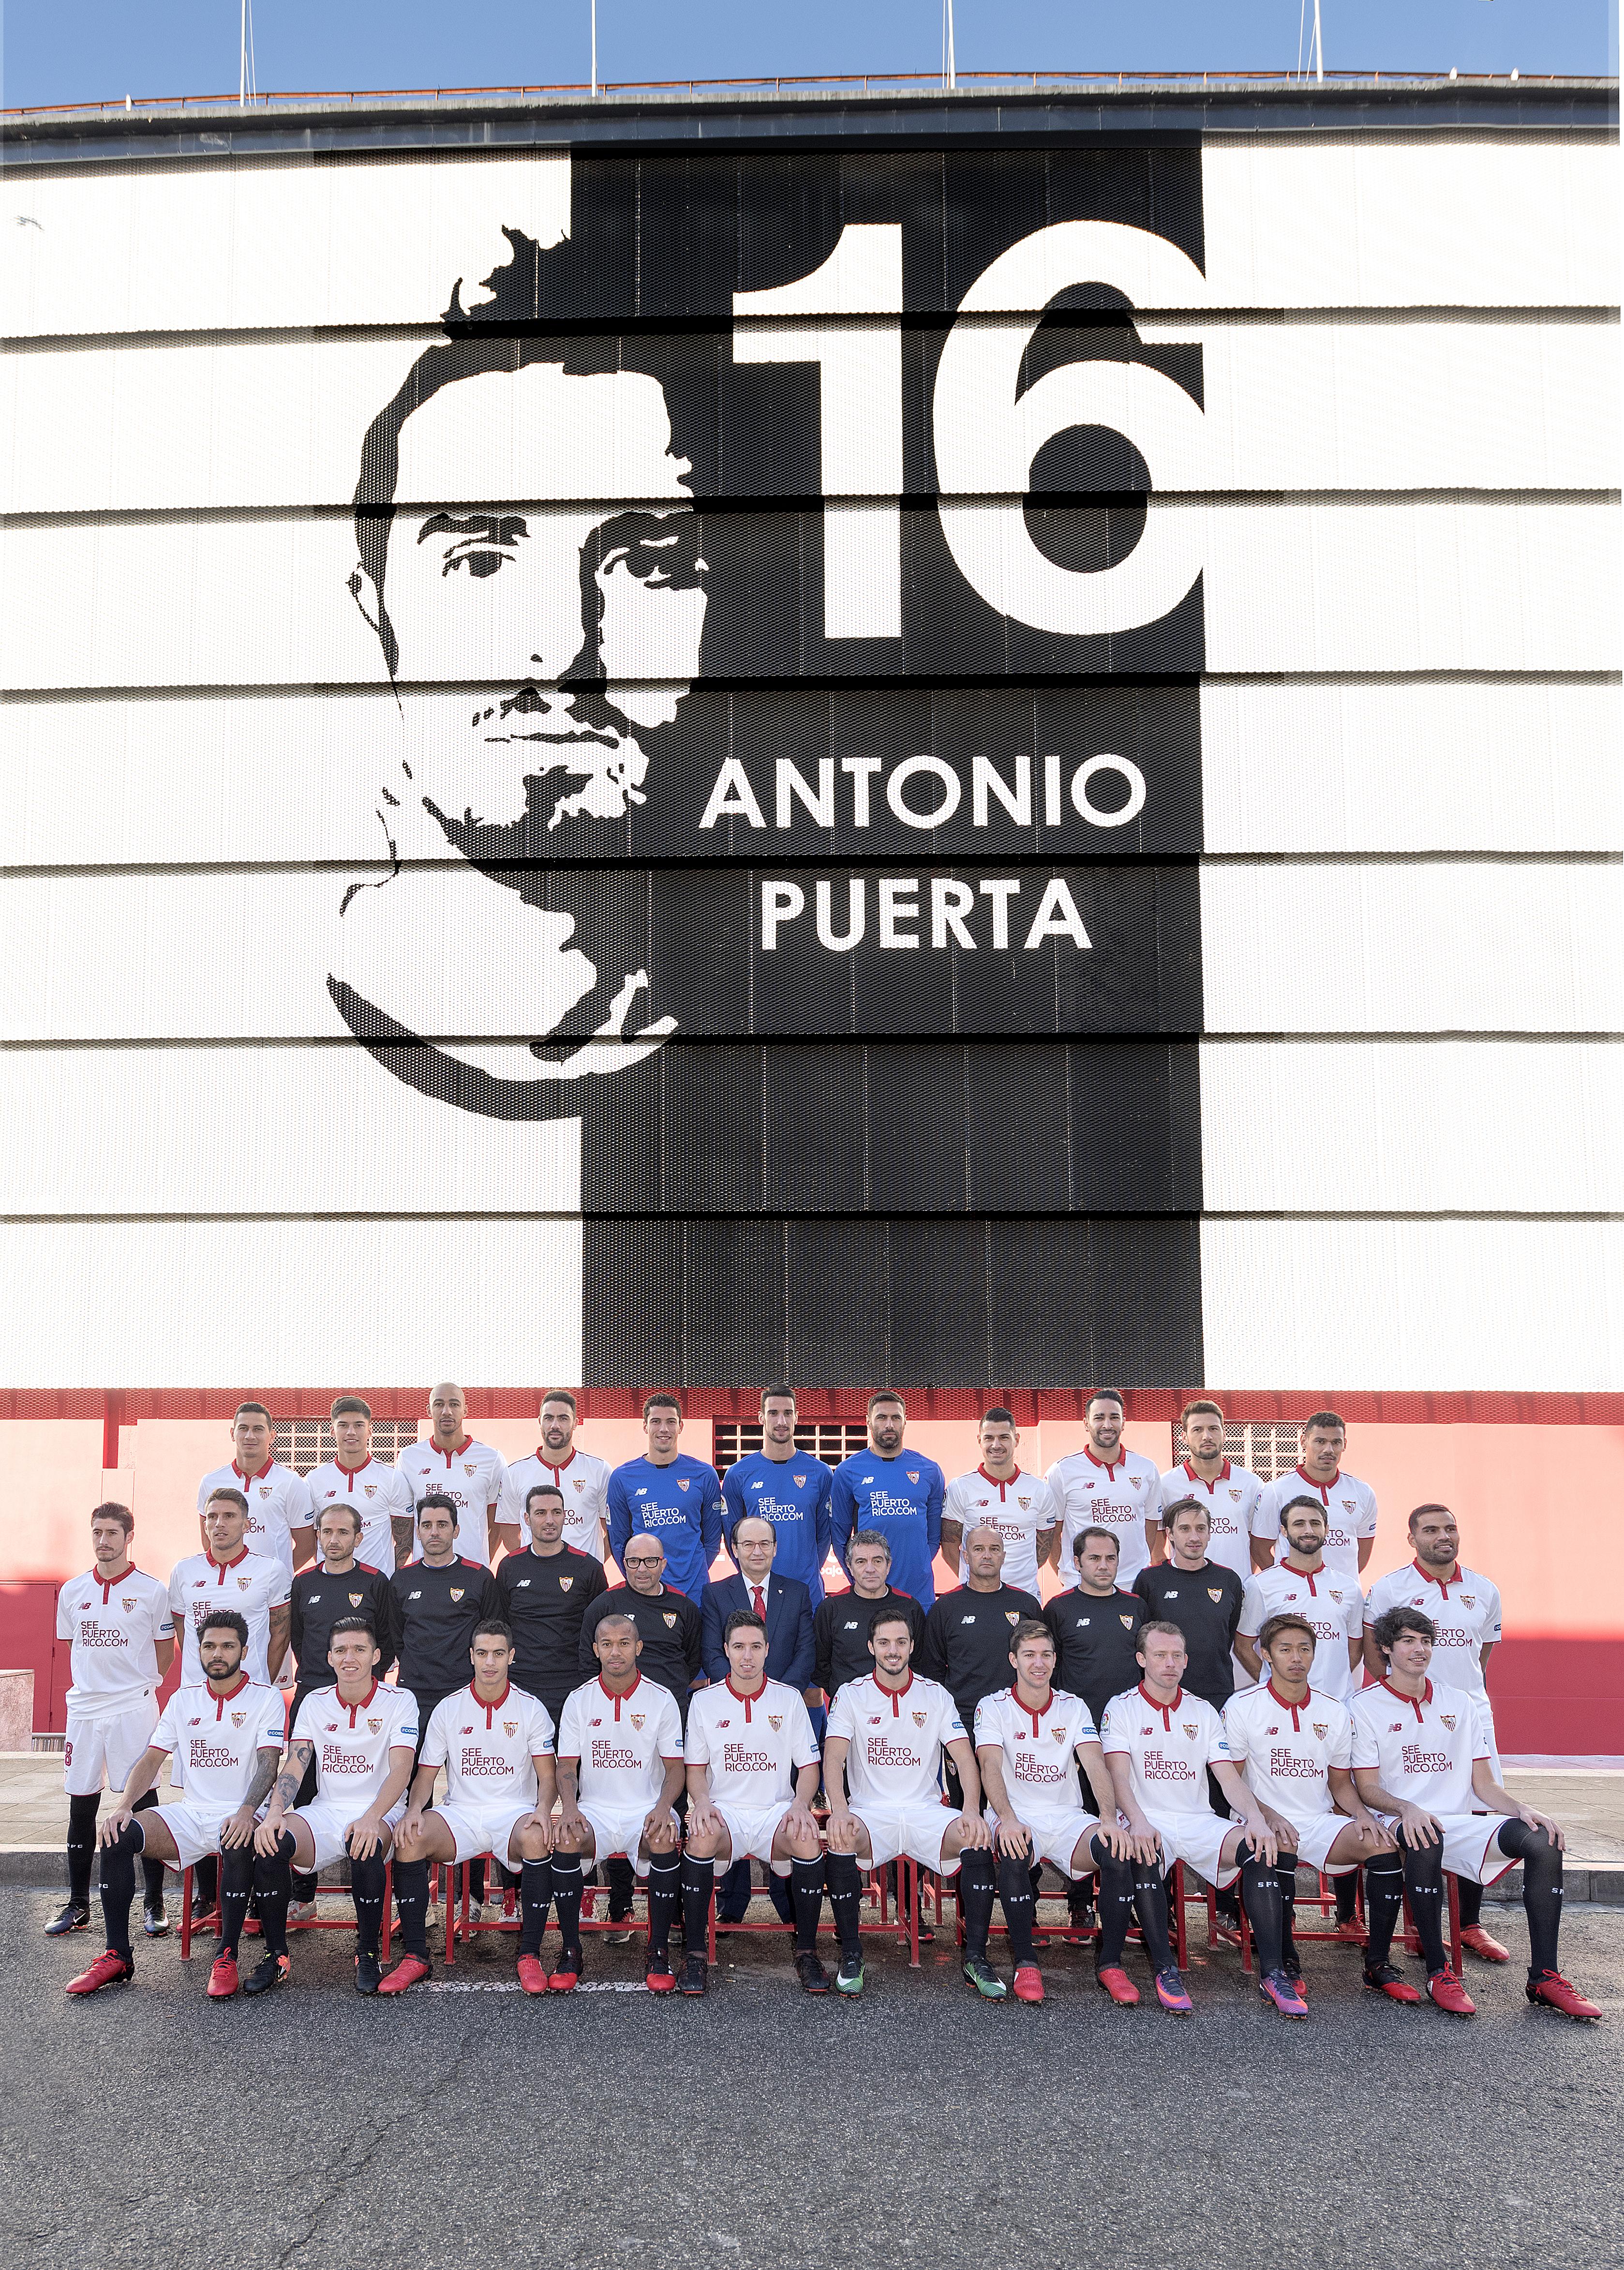 Hilo del Sevilla FC Foto-temporada-sevilla-puerta